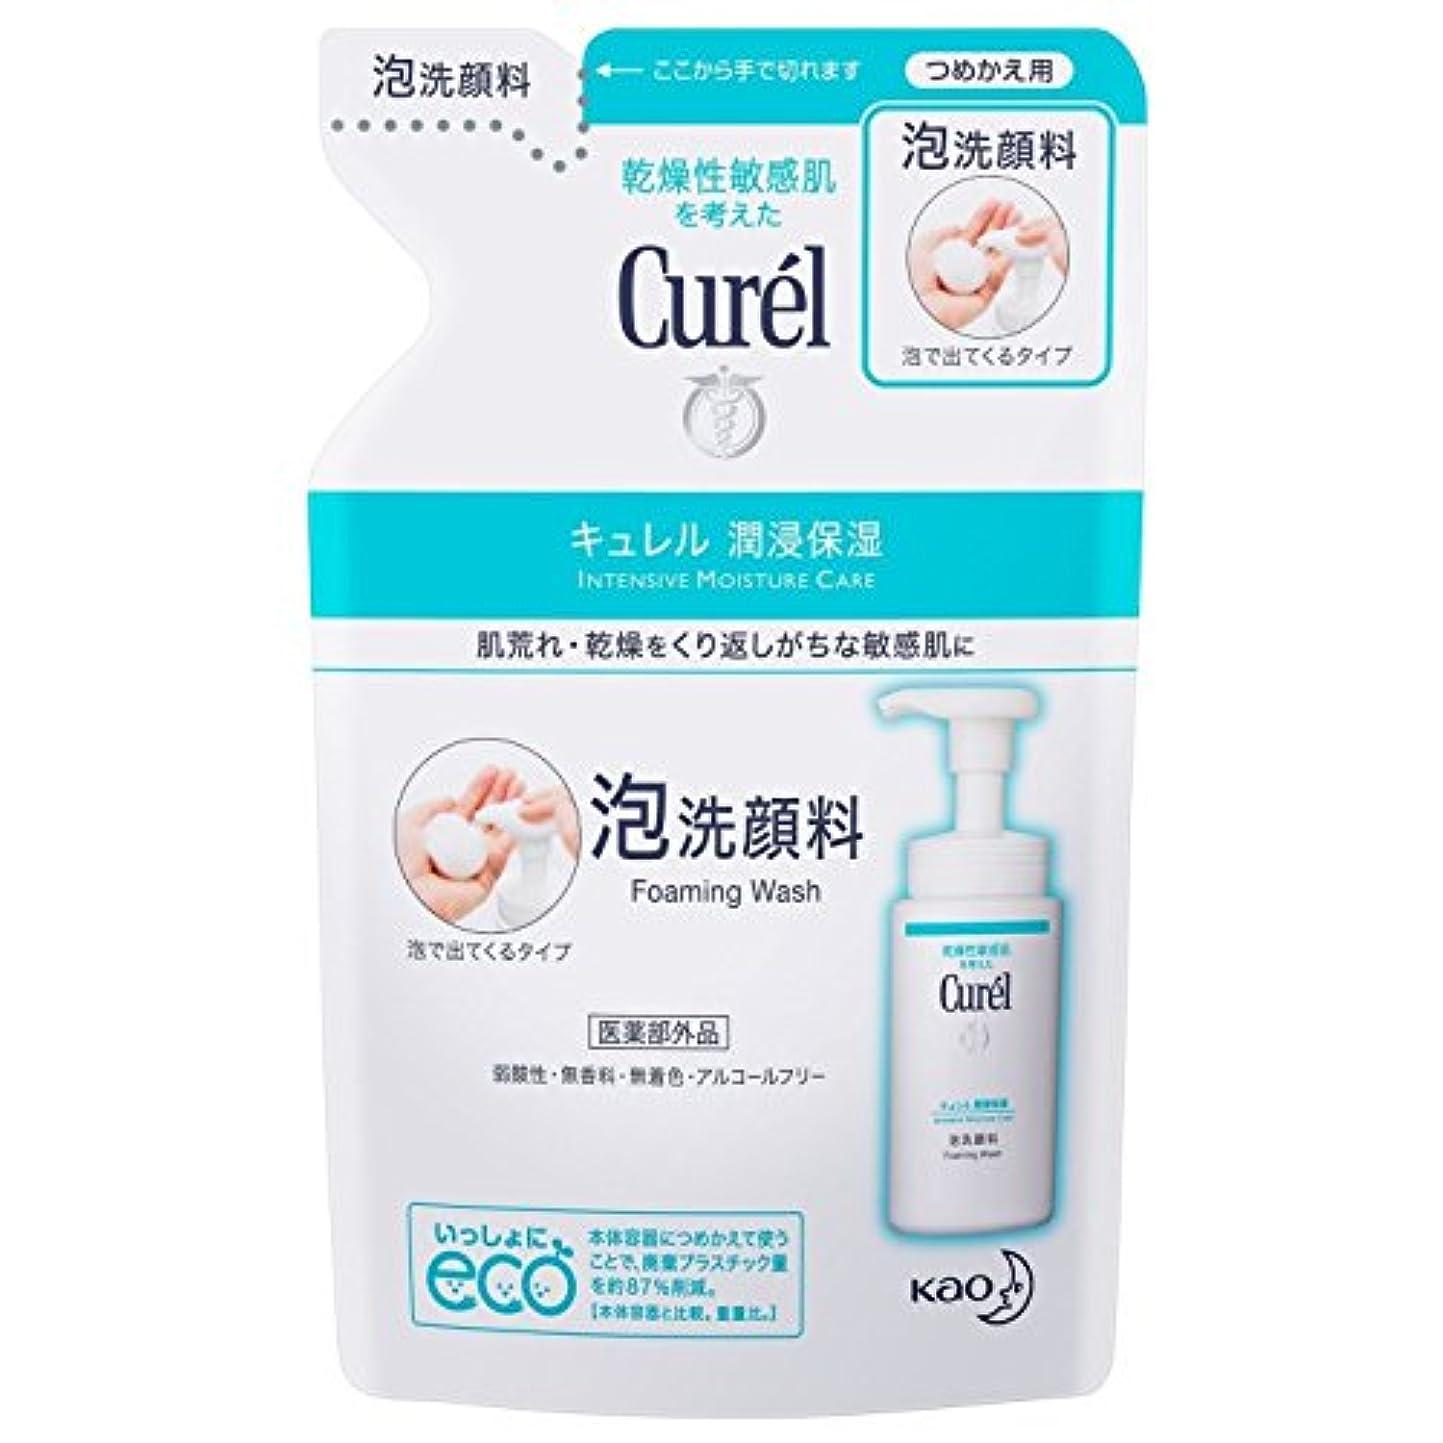 同情的探偵染色【花王】Curel(キュレル) 泡洗顔料 つめかえ用 130ml ×5個セット